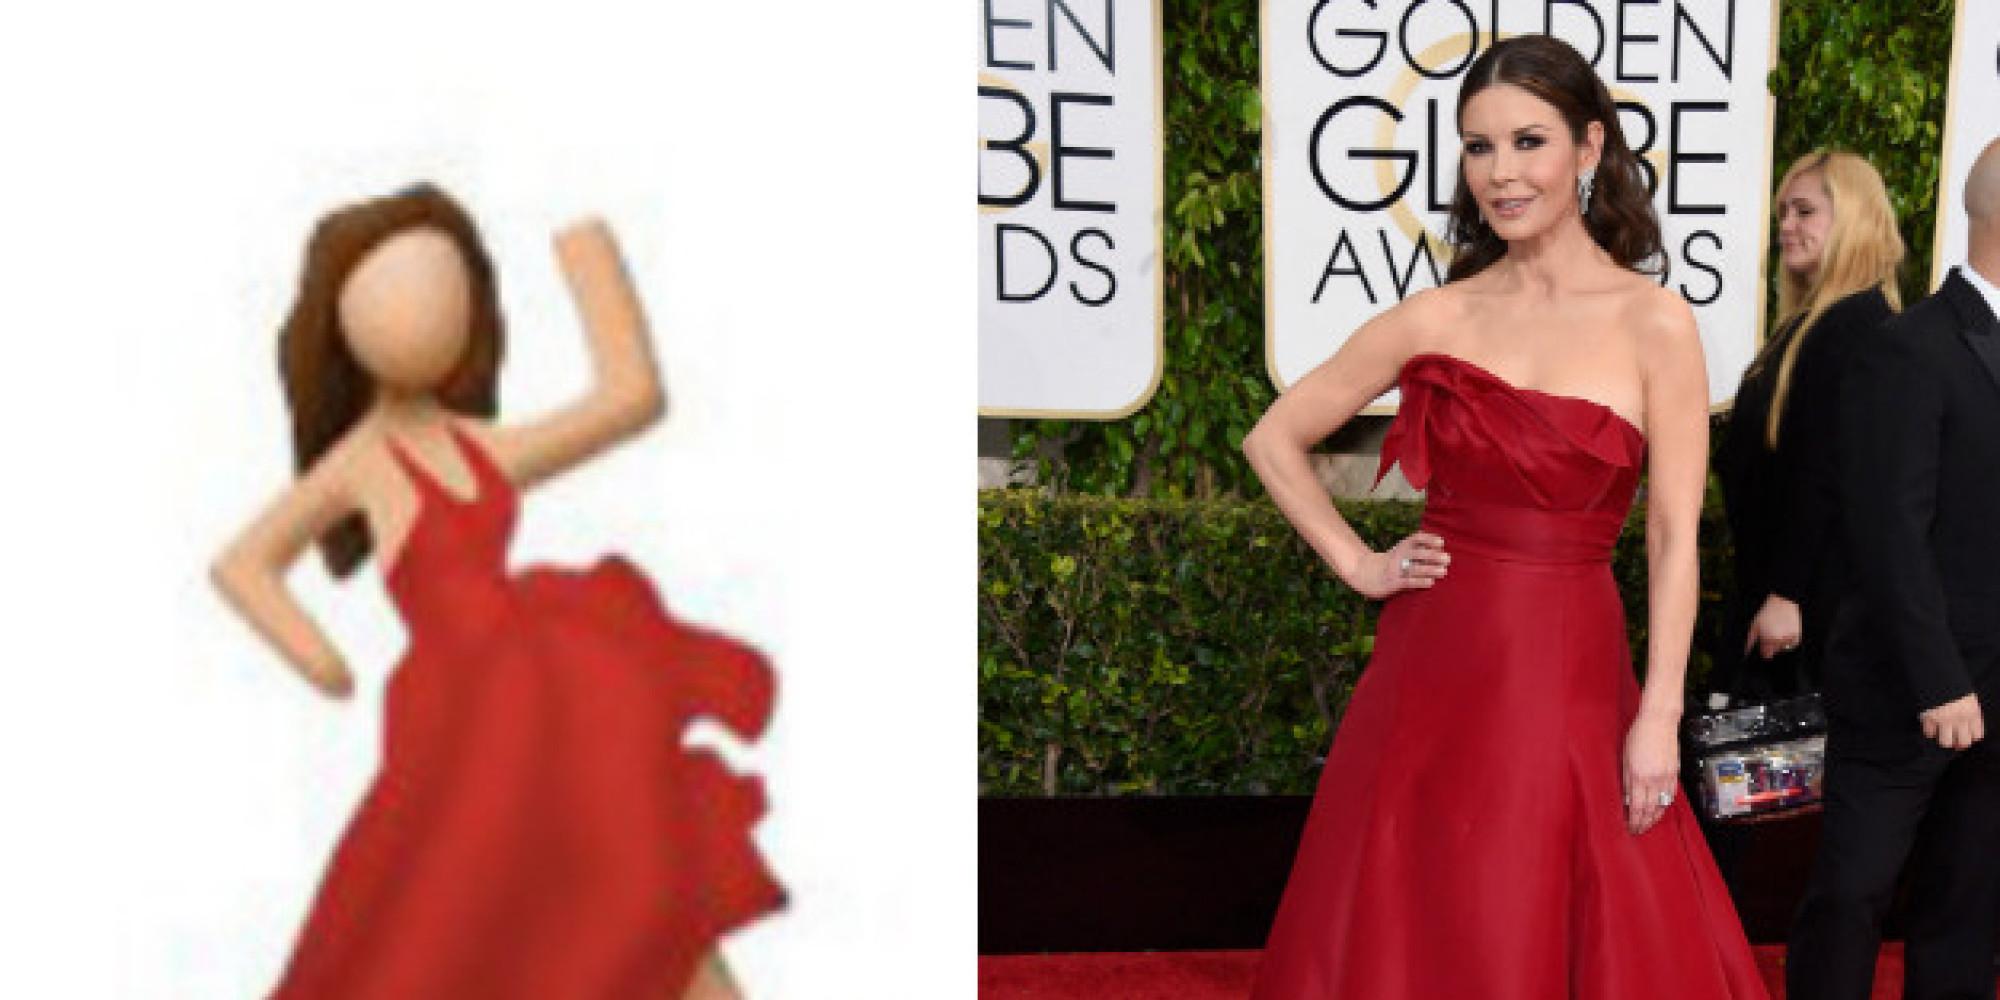 Golden globes red dress emoji